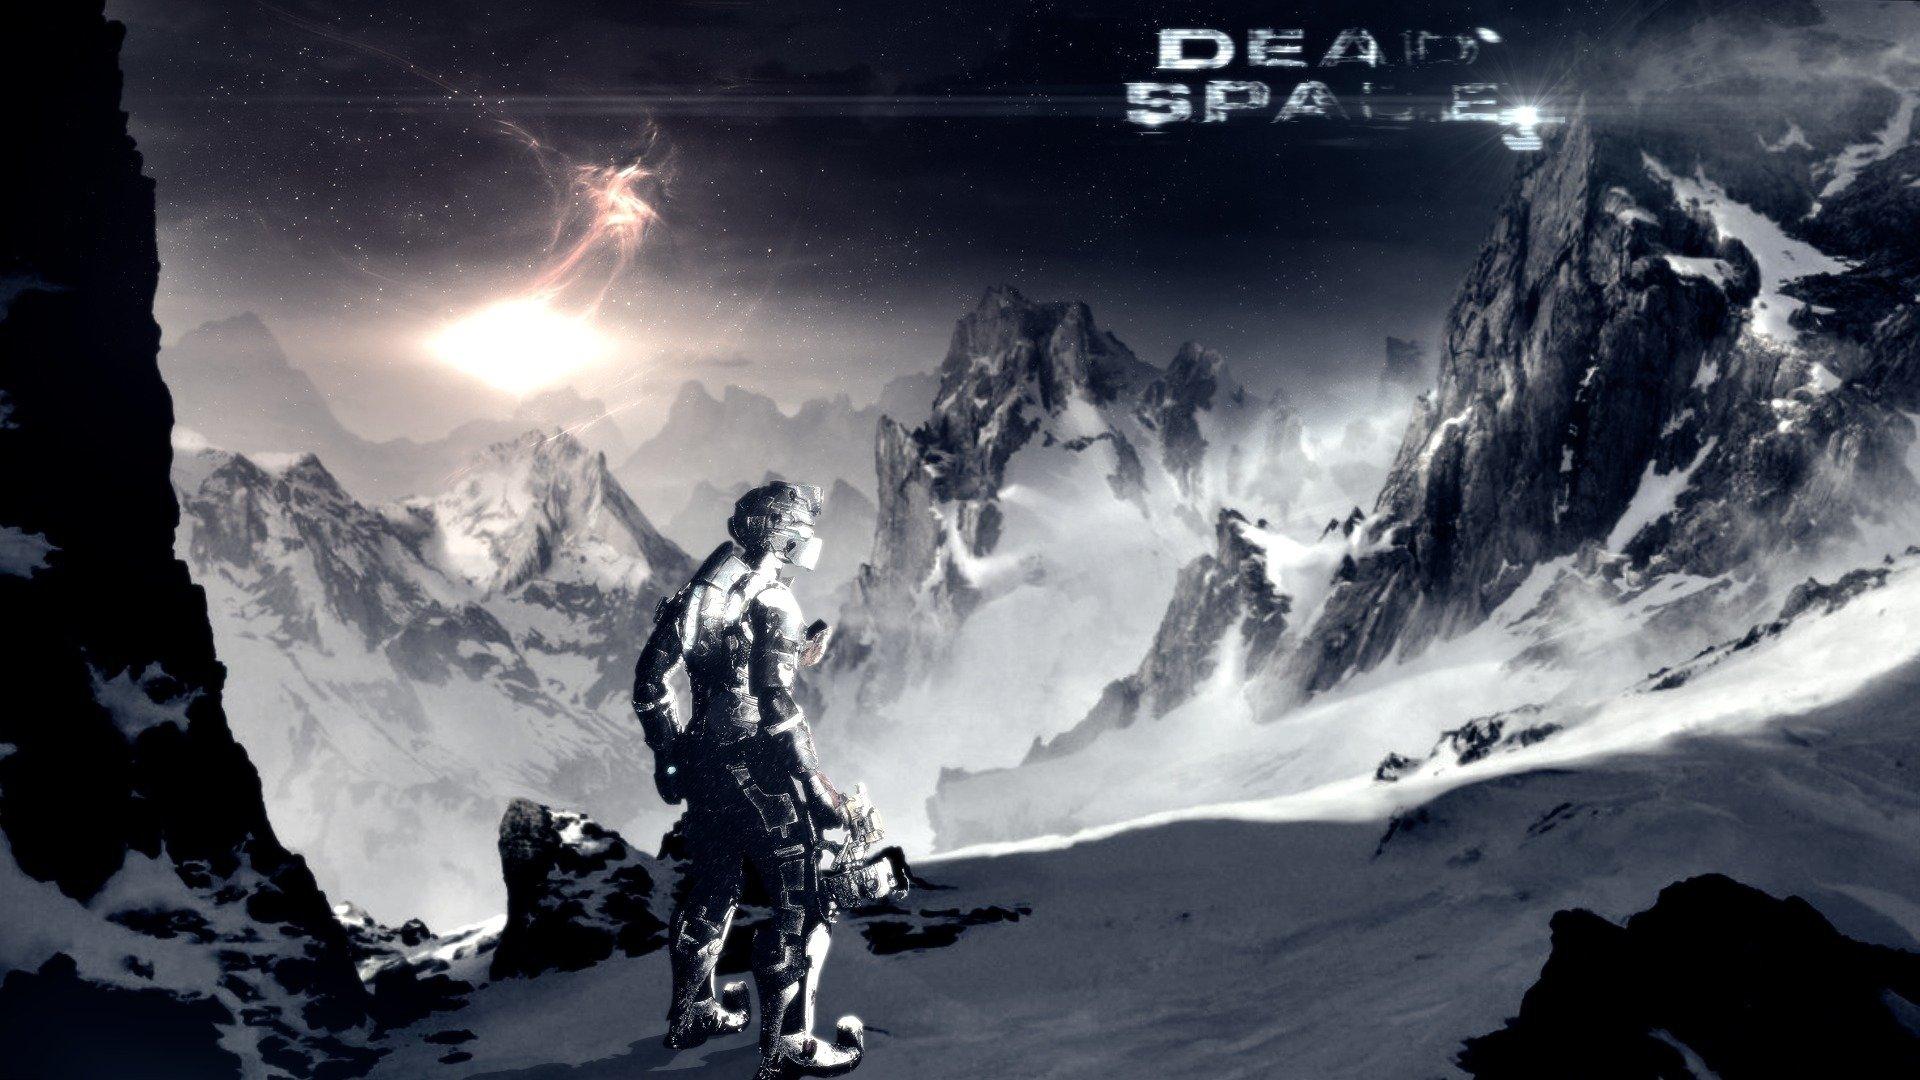 Dead space 3 hd wallpaper background image 1920x1080 - Dead space 1 wallpaper hd ...